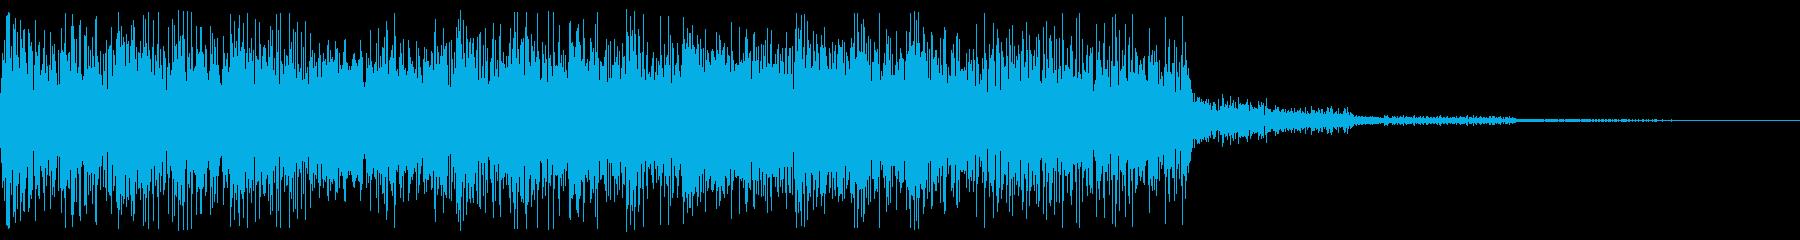 レトロゲーム音 場面転換、ゲームオーバーの再生済みの波形